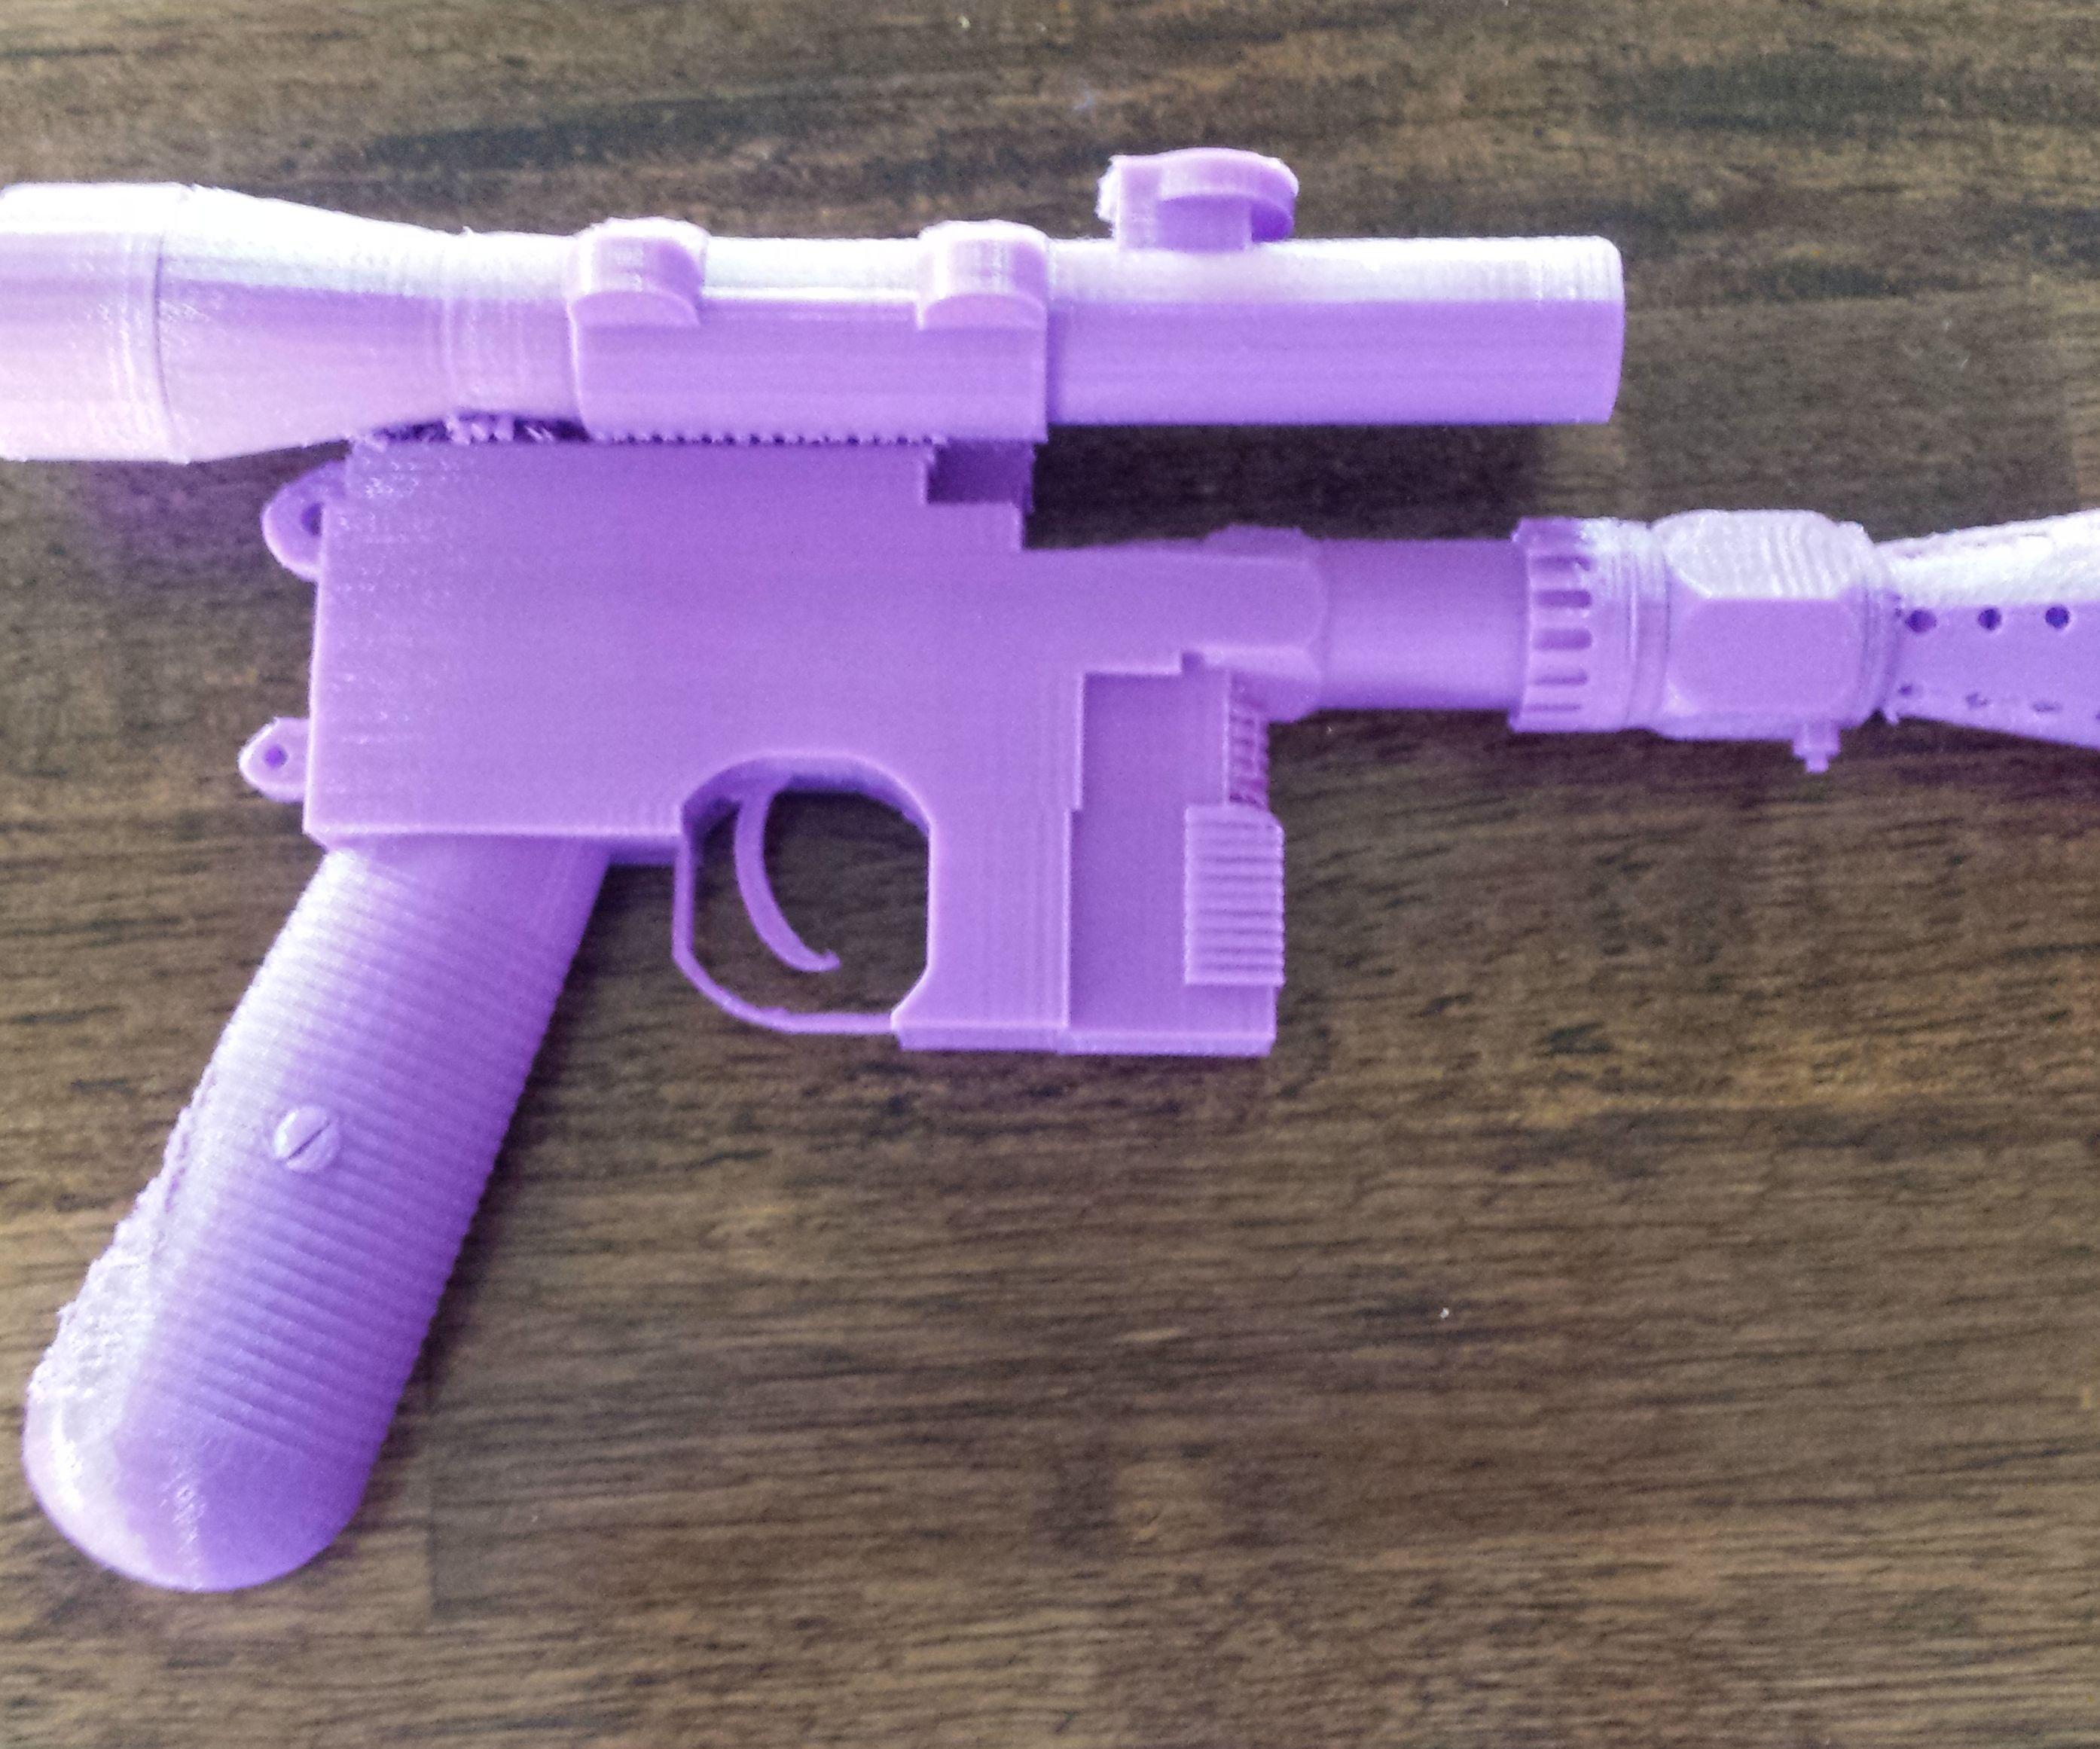 DL-44 (han Solos Blaster